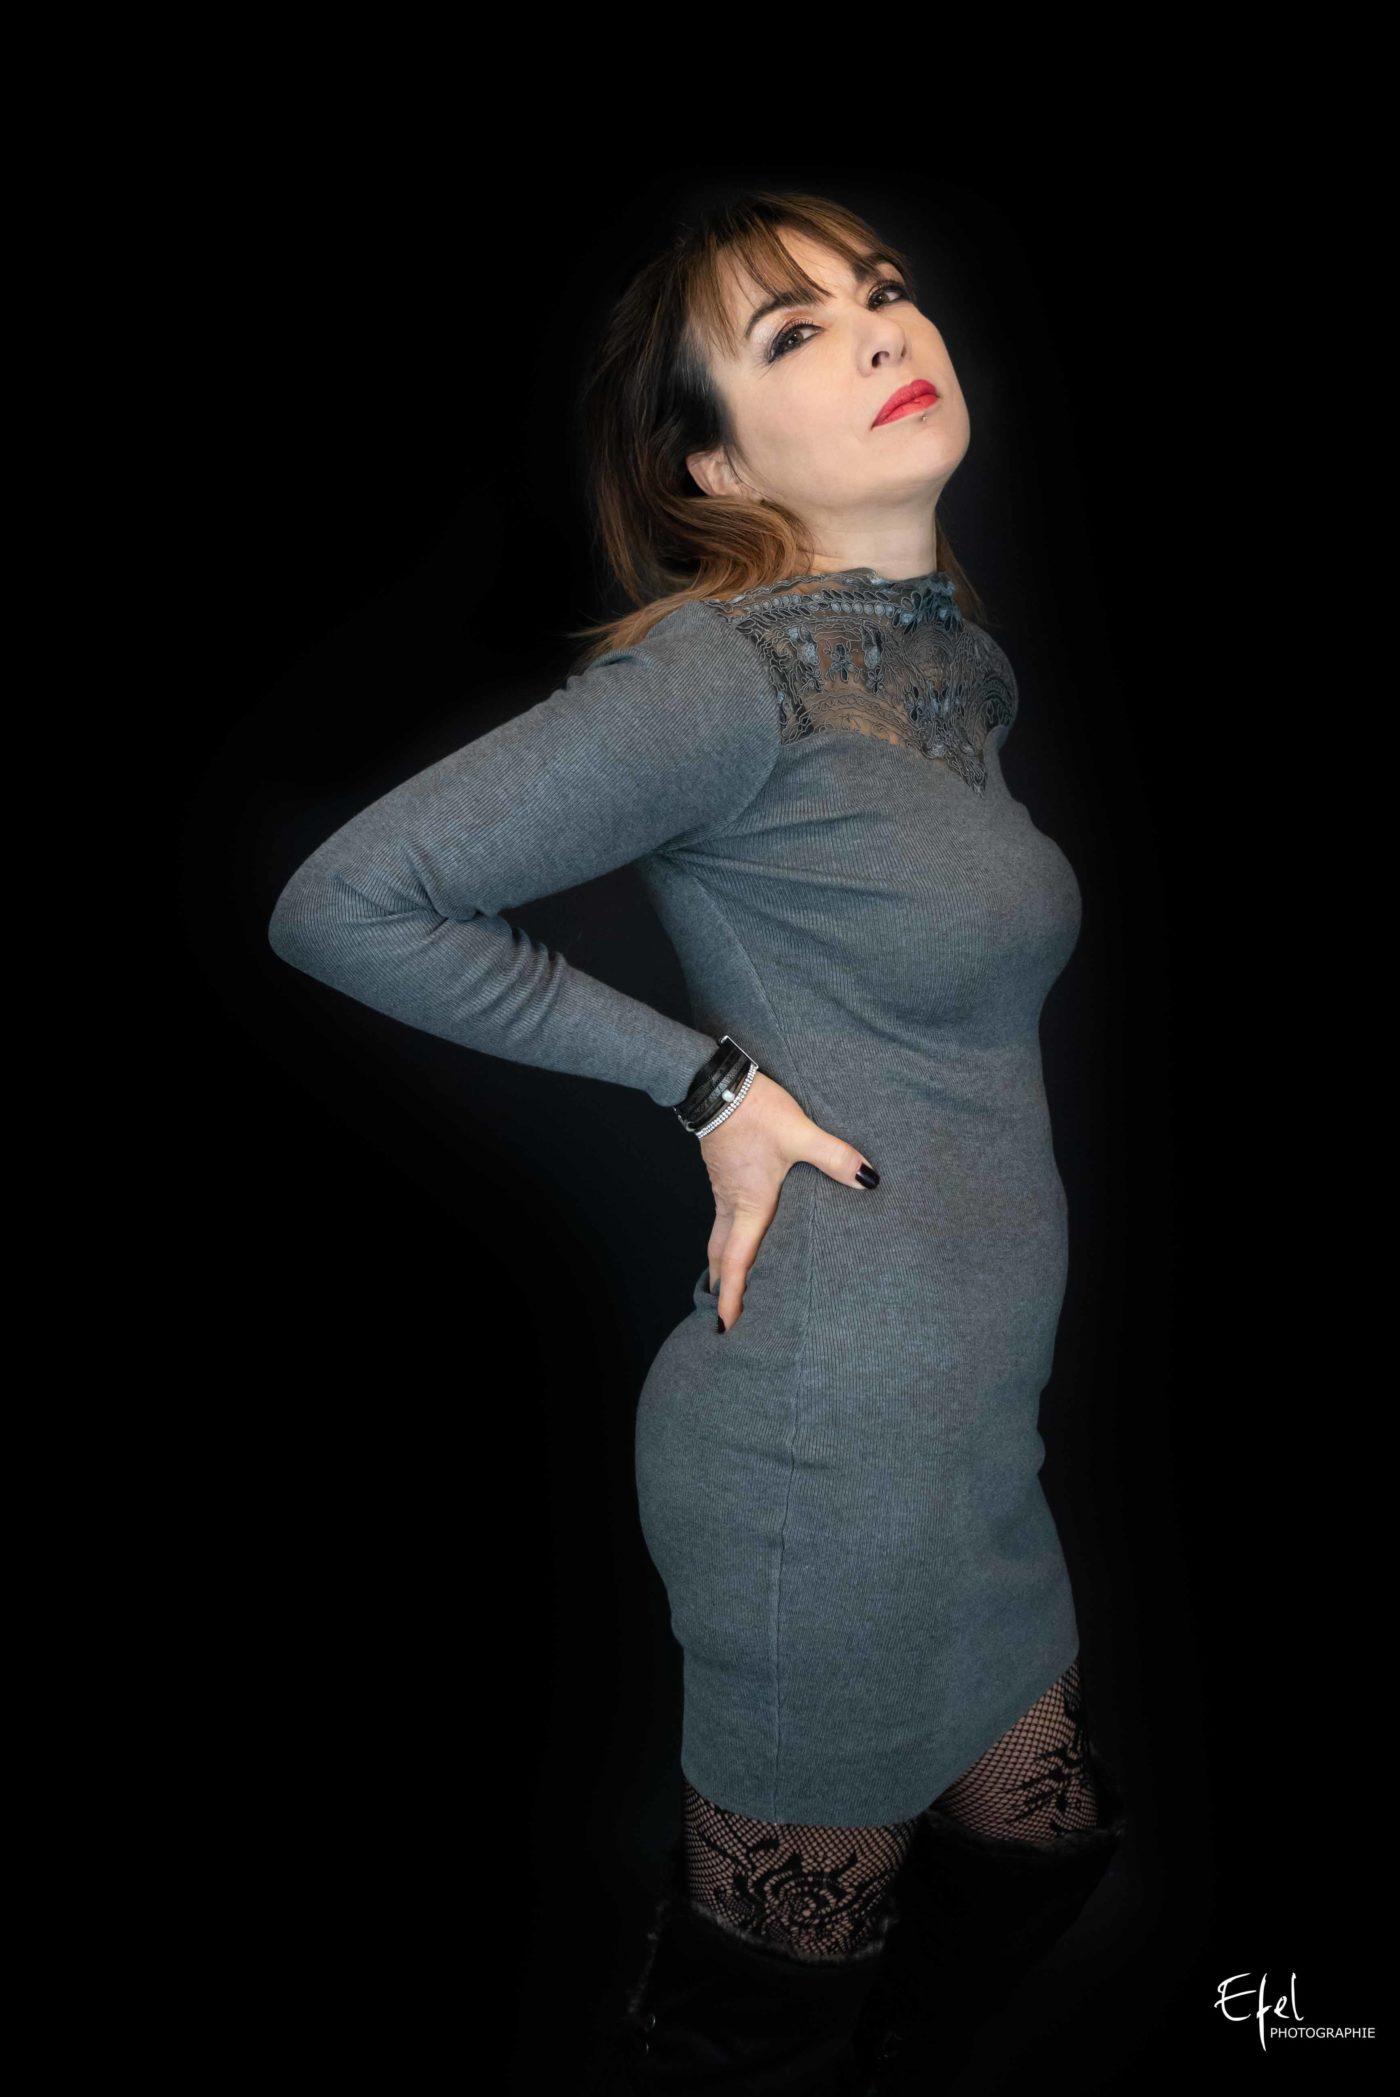 shooting confiance en soi pour les femmes photographe gap